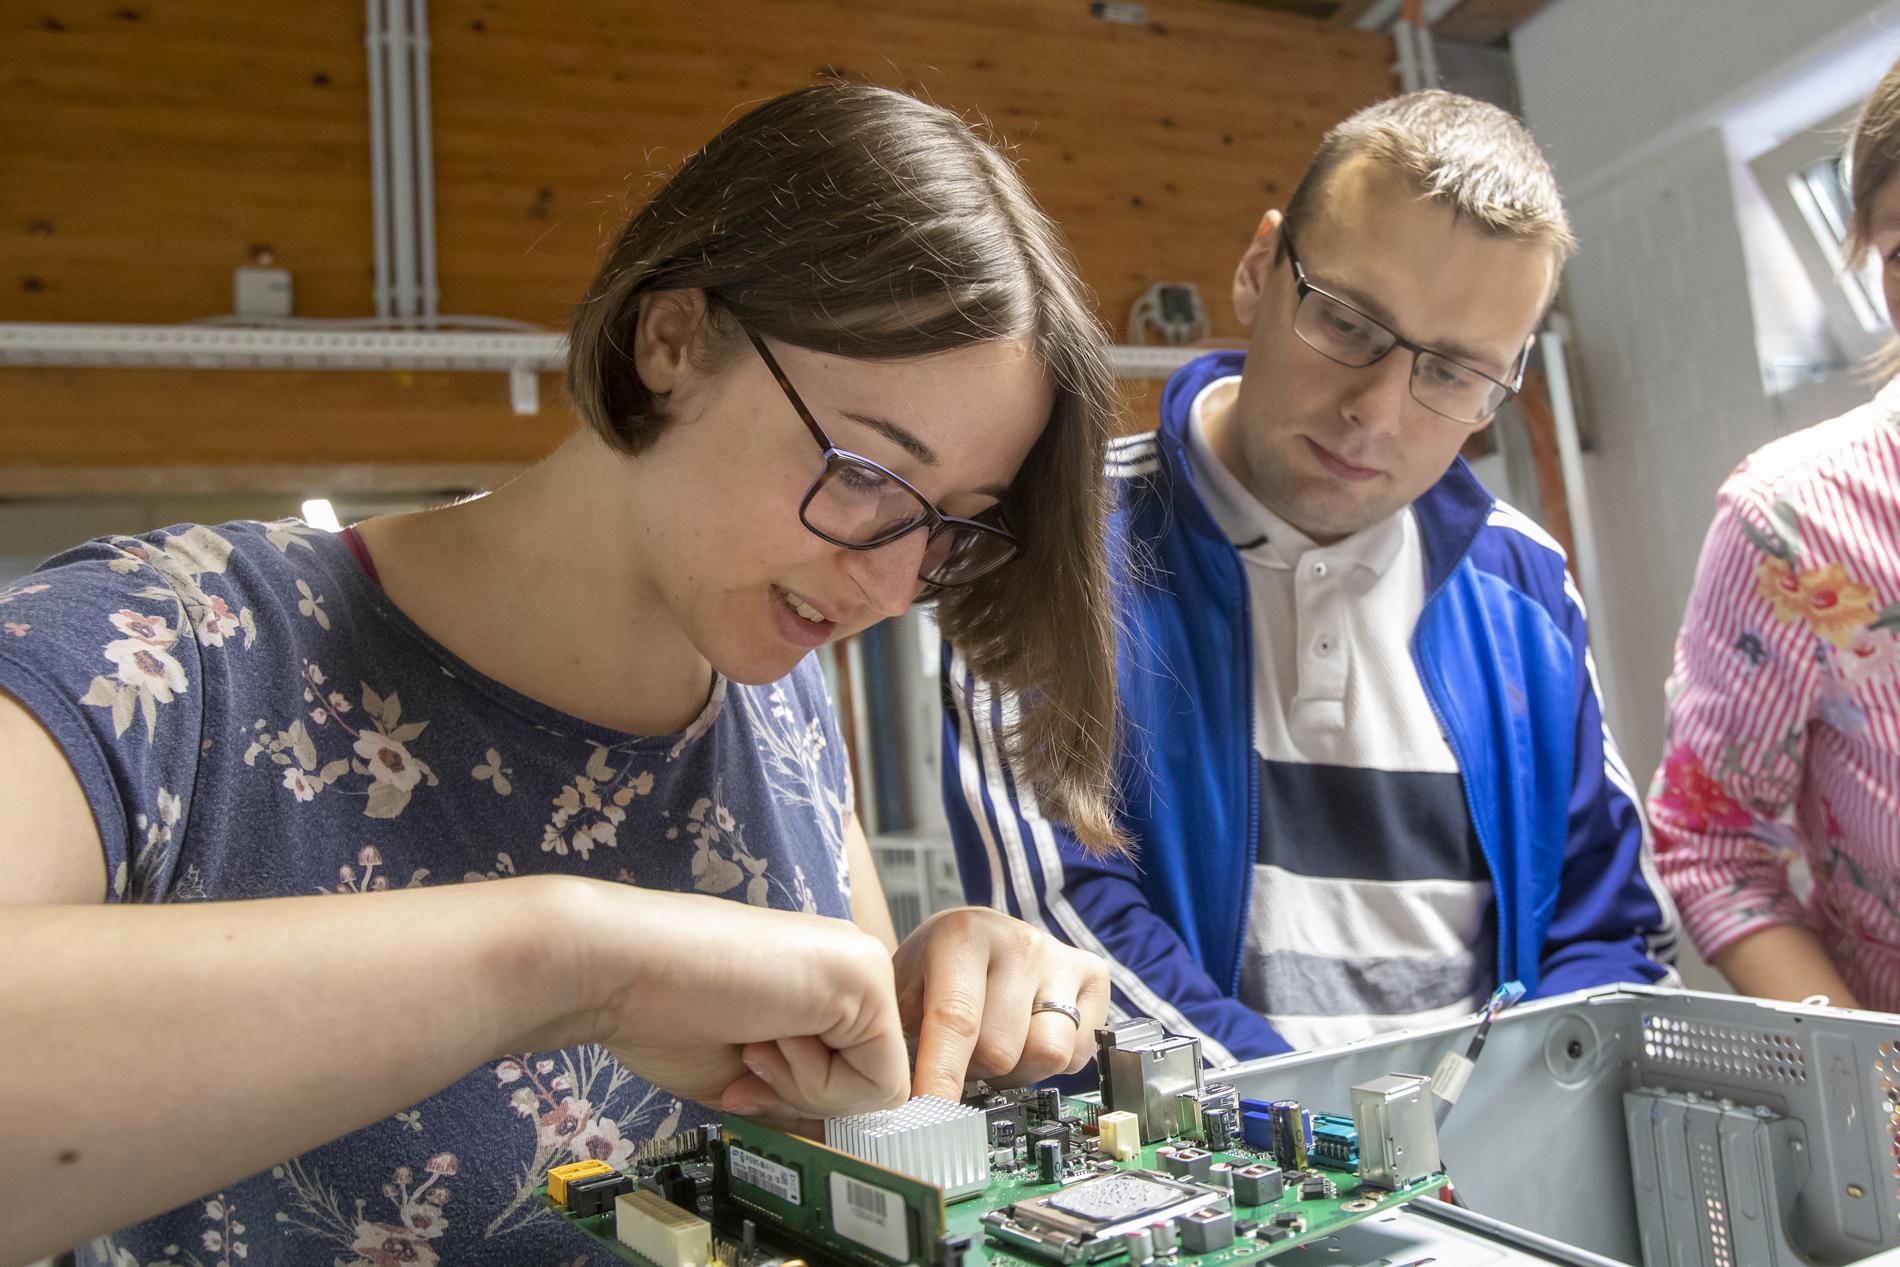 das Foto zeigt eine junge Frau, die an technischen Inneren eines PC arbeitet. Ein junger Mann daneben schaut zu